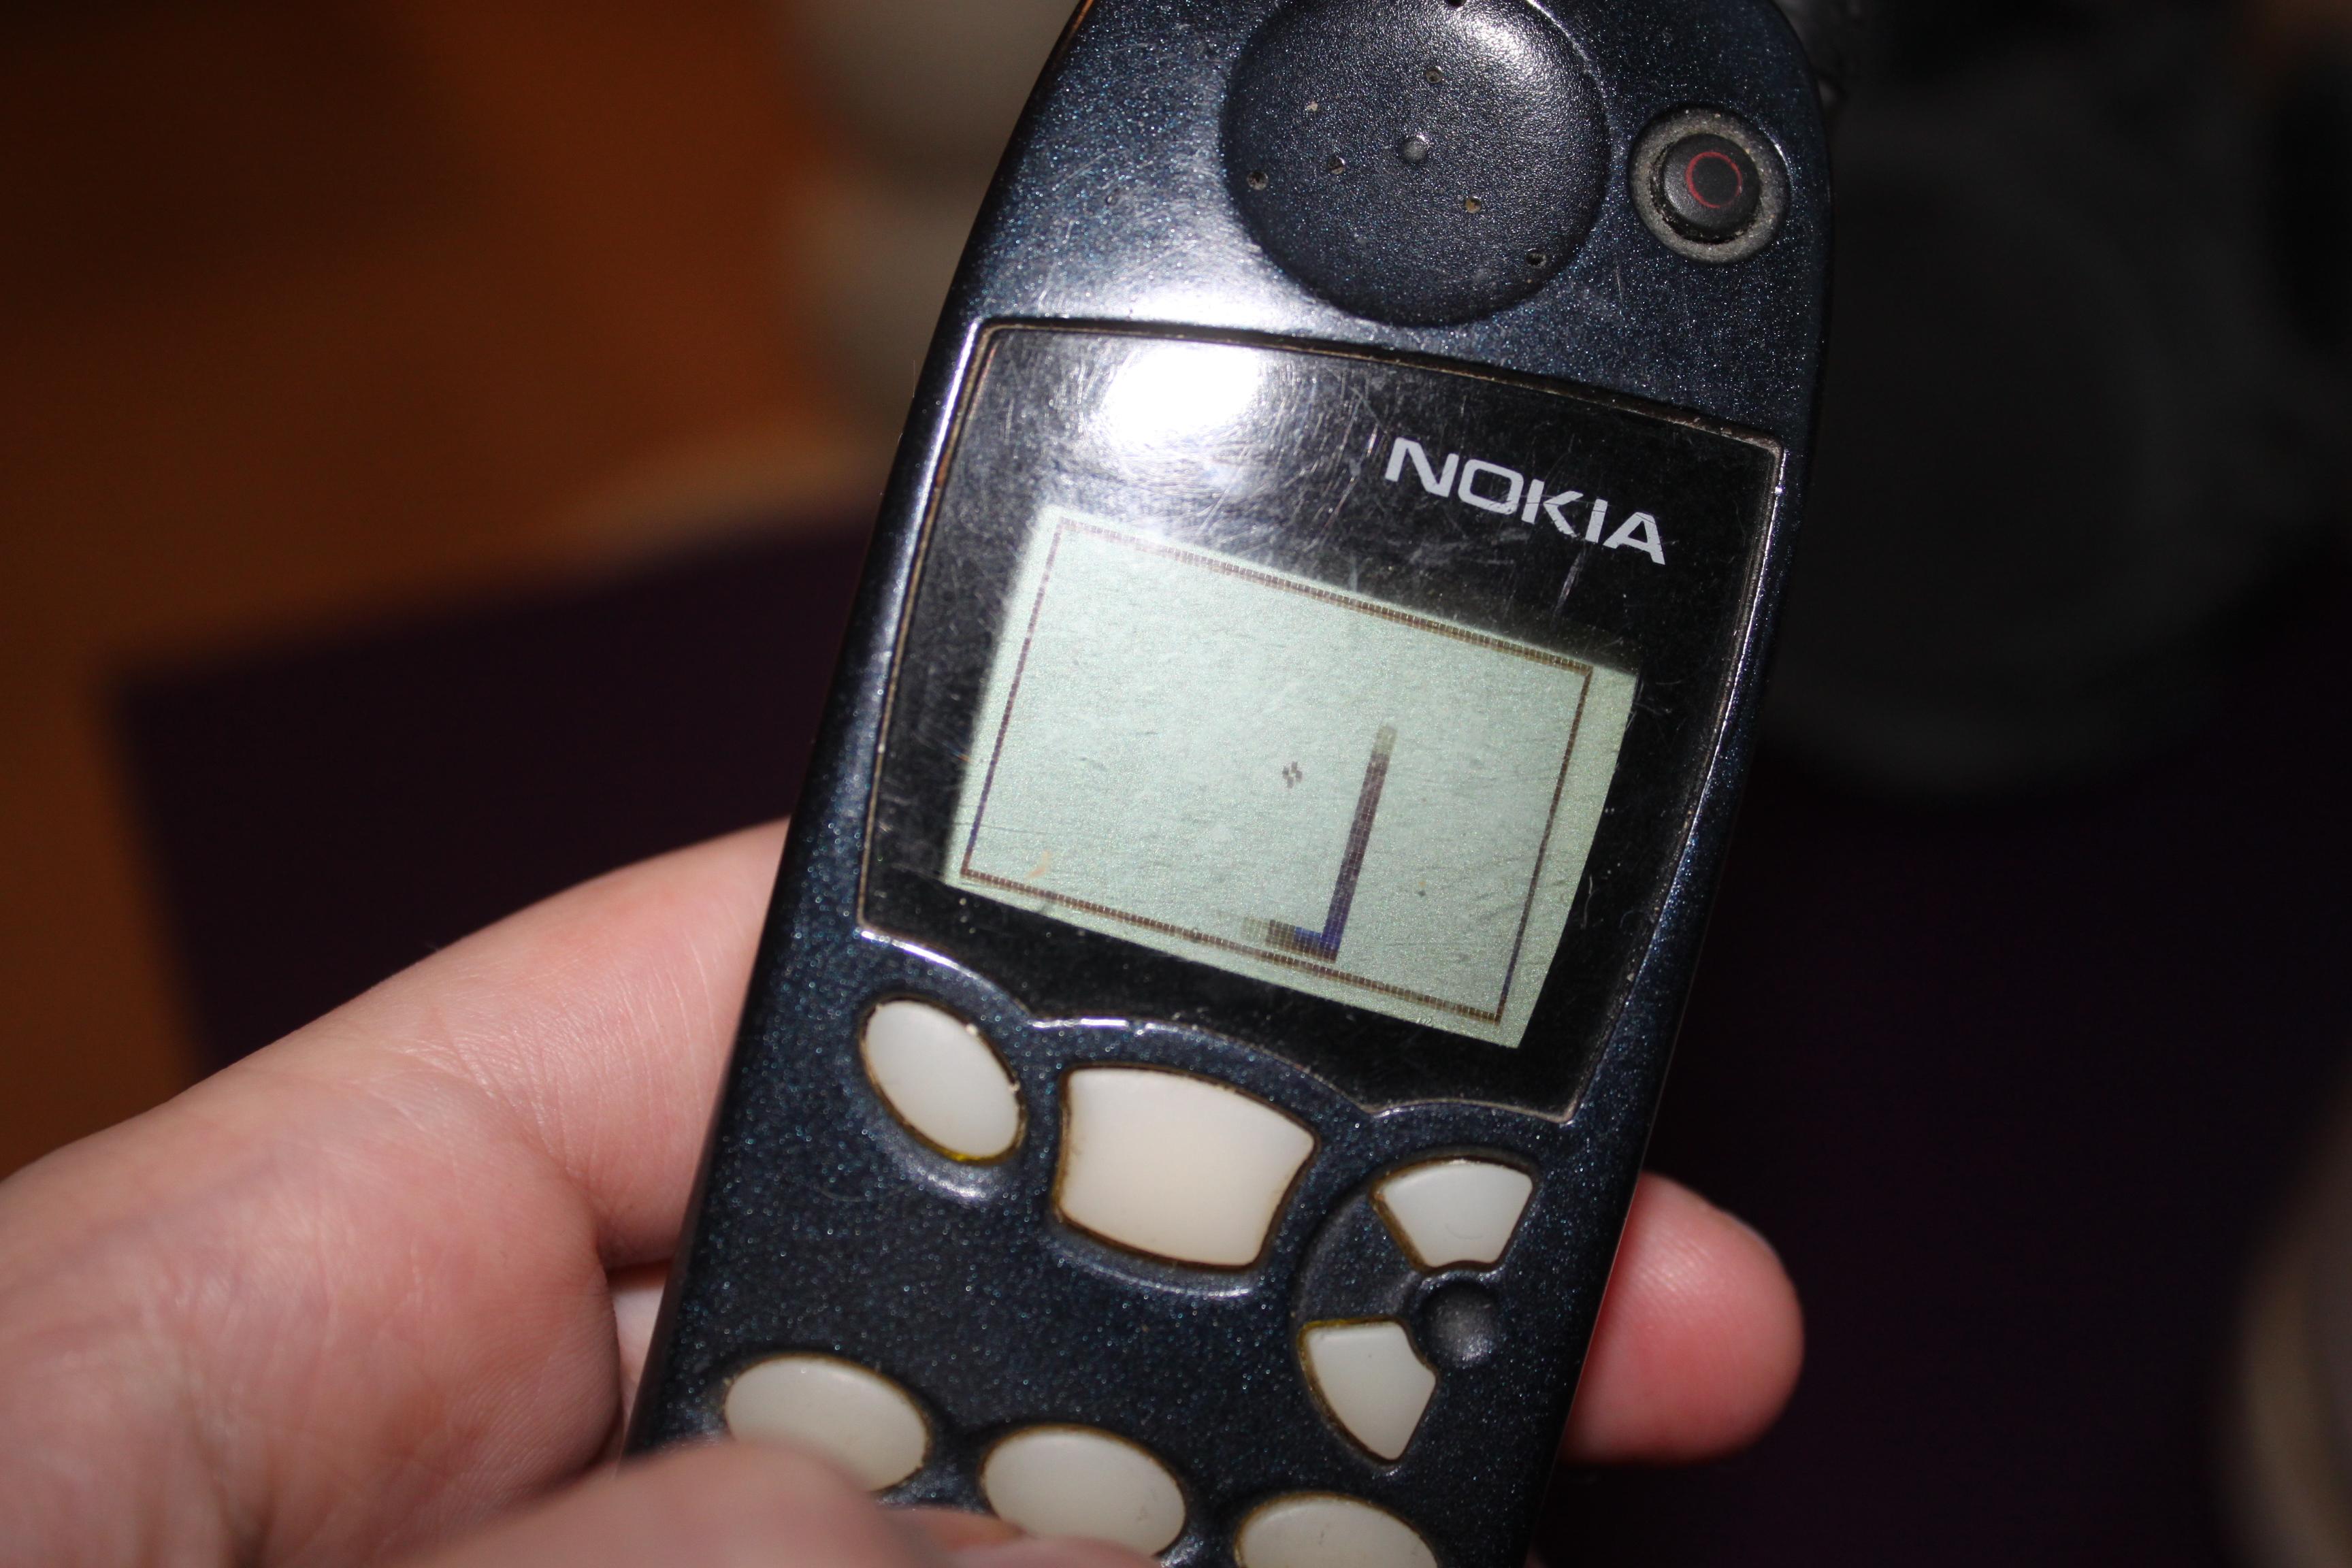 Snake, as seen on a Nokia 5110 phone, courtesy of miryami on imgur